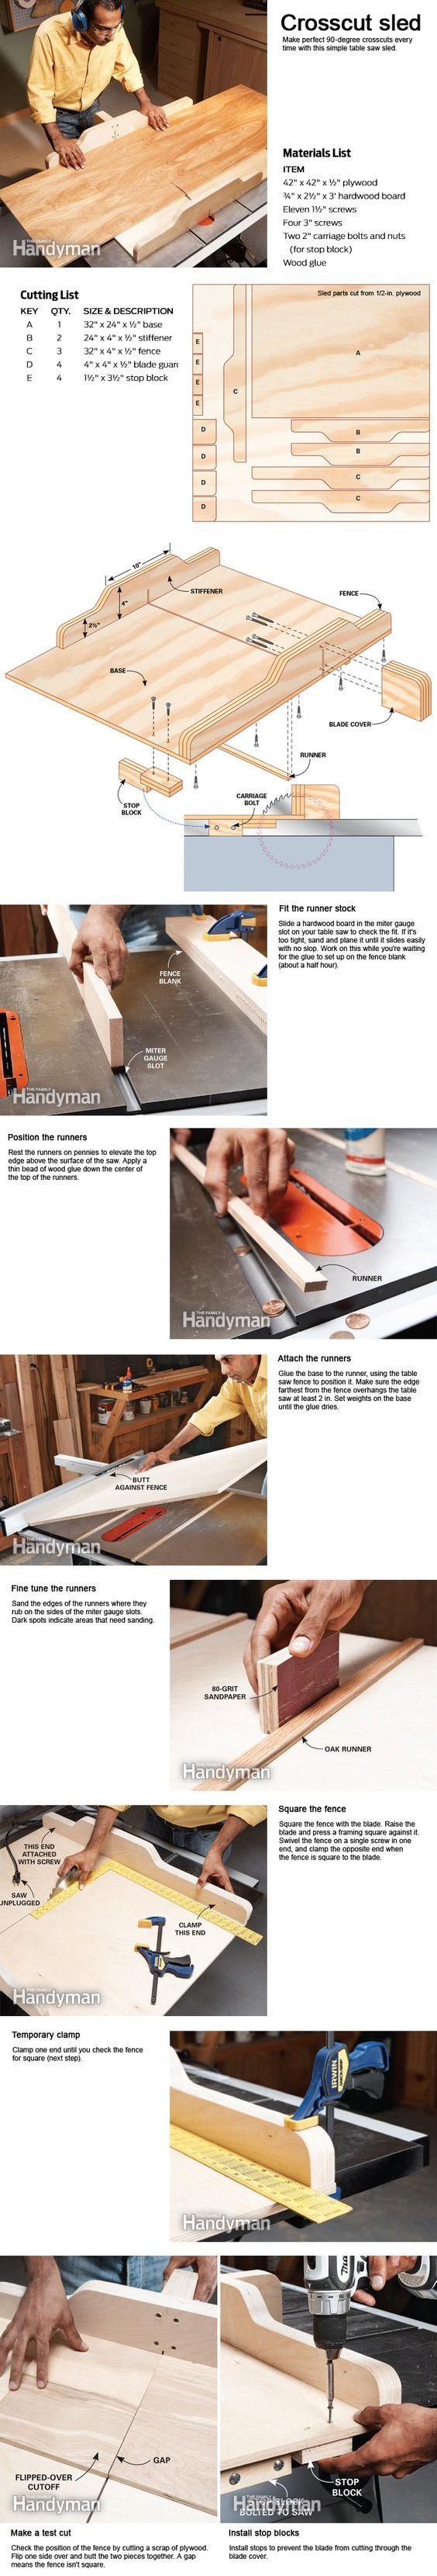 ❧ Coupes transversales avec une table de scie Sled:                                                                                                                                                                                 More